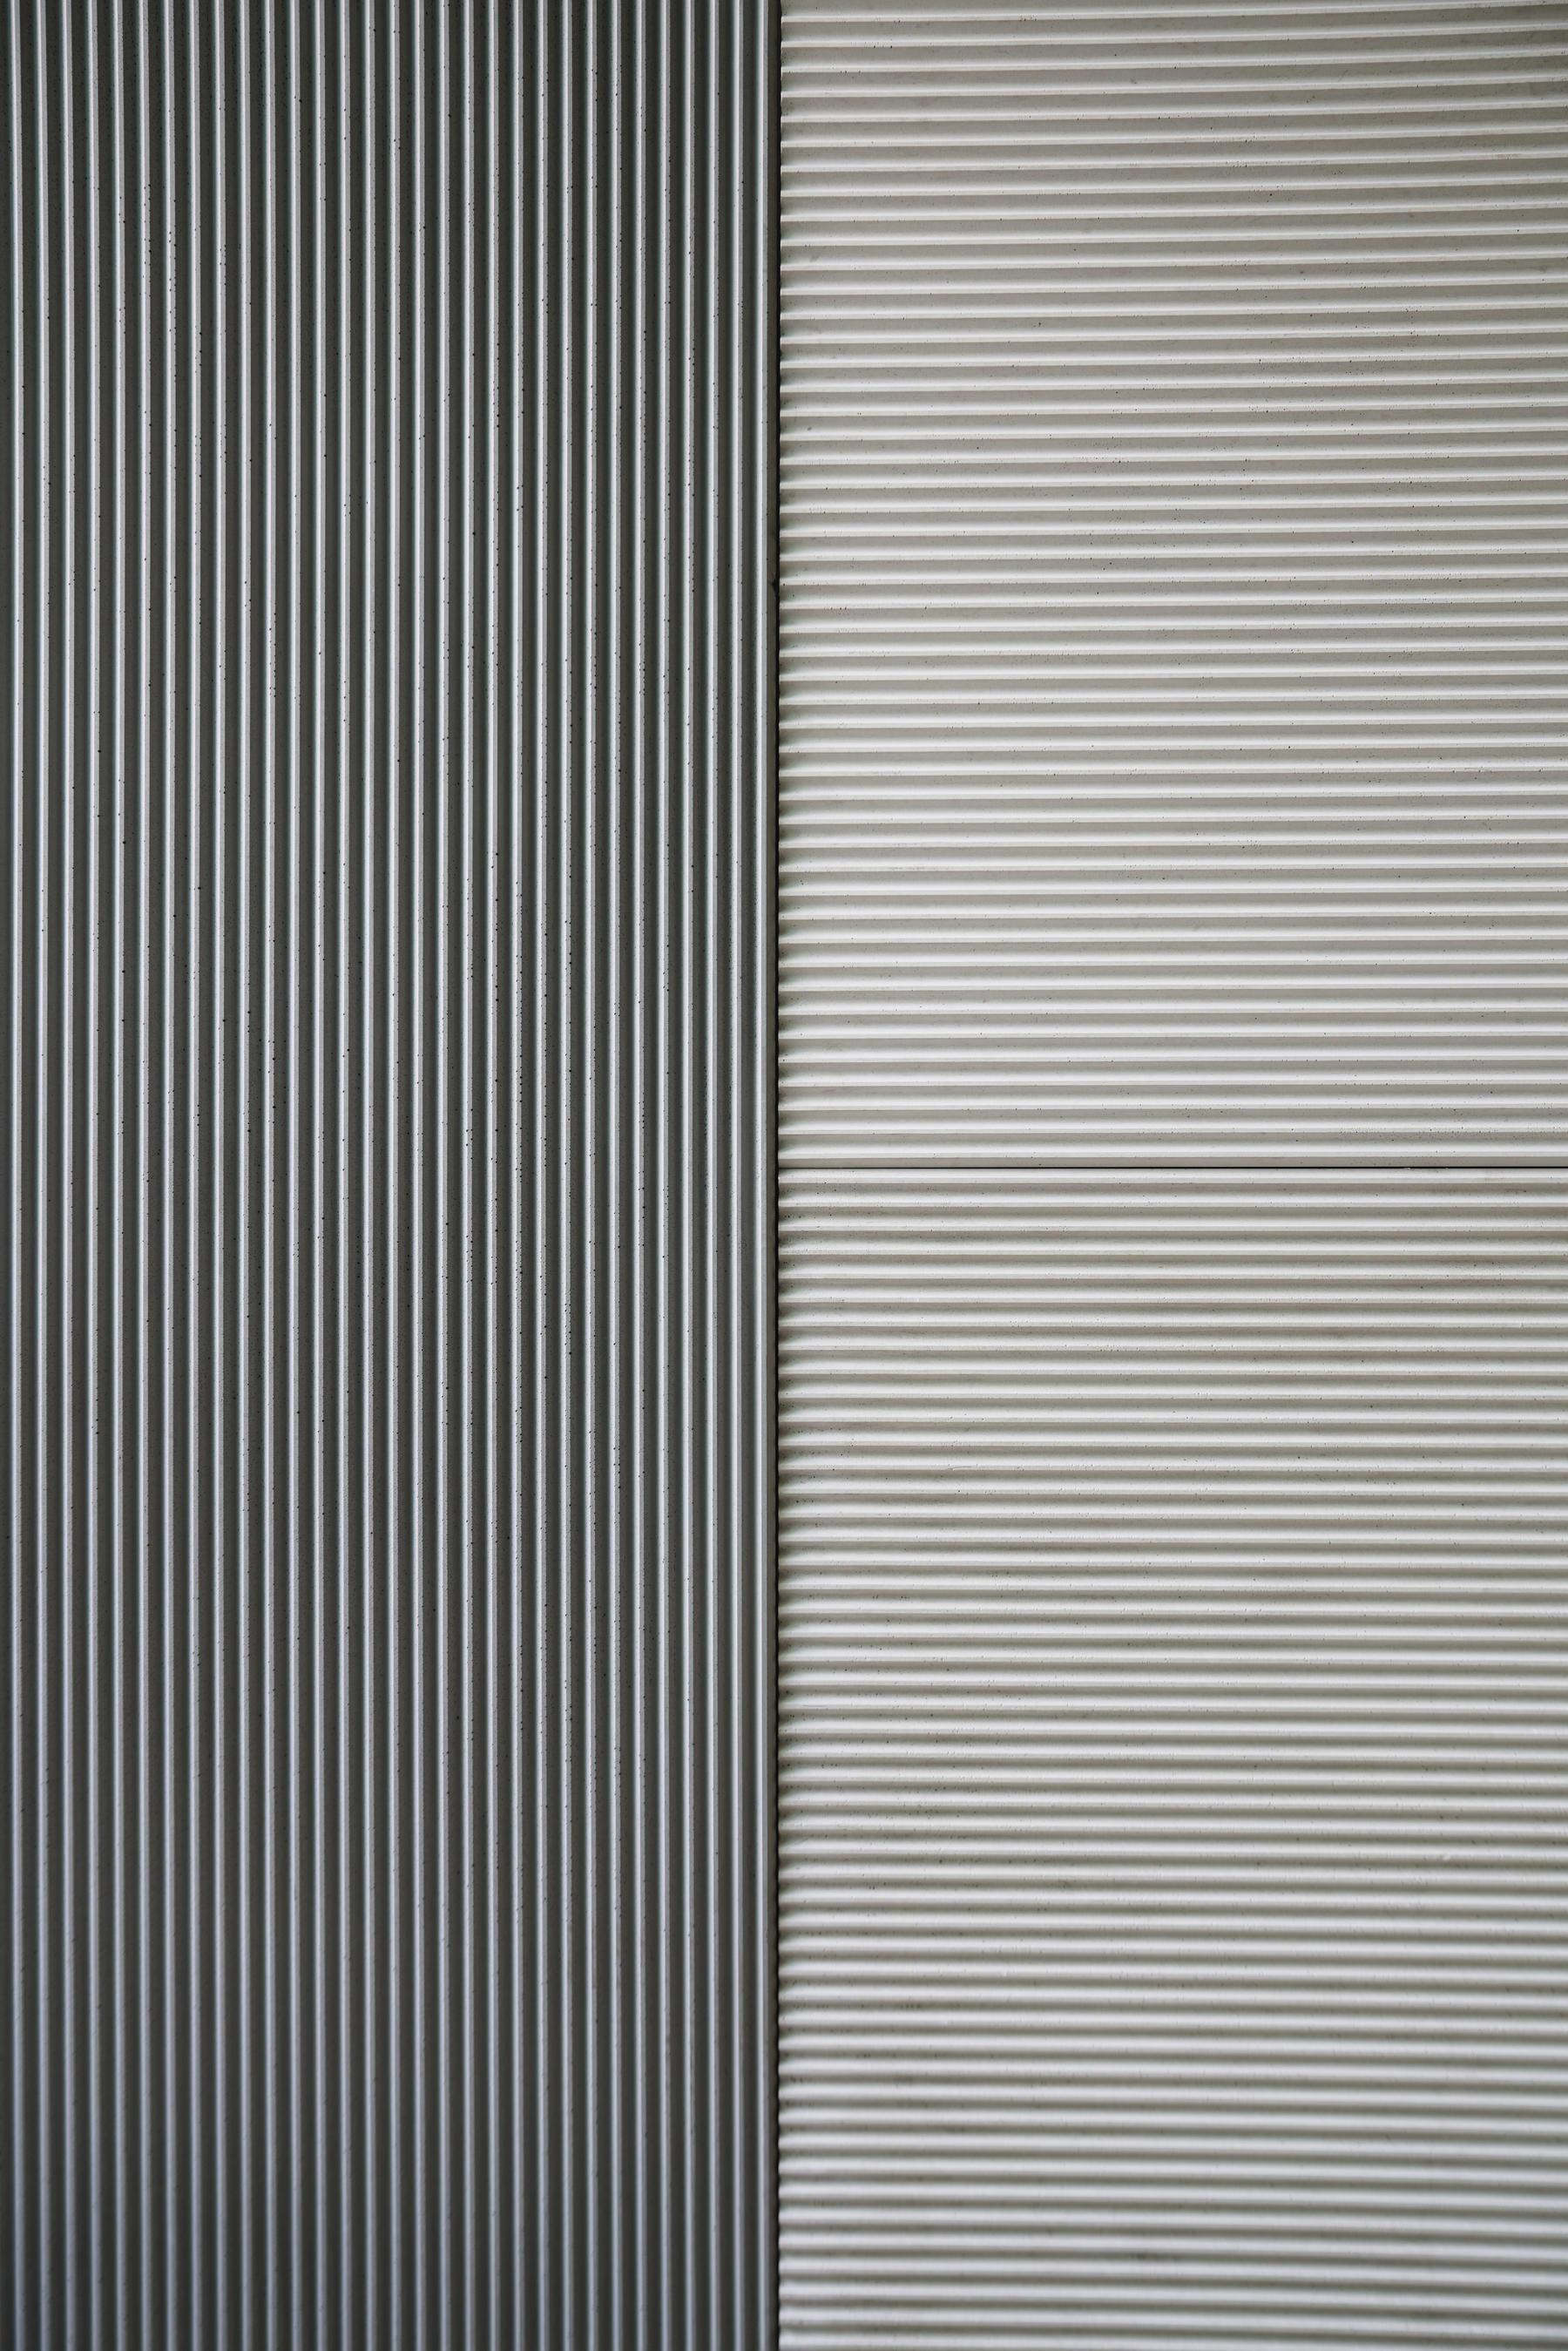 本土创造原创立体水泥装饰墙砖黑白灰水泥砖粘贴式拼贴墙砖